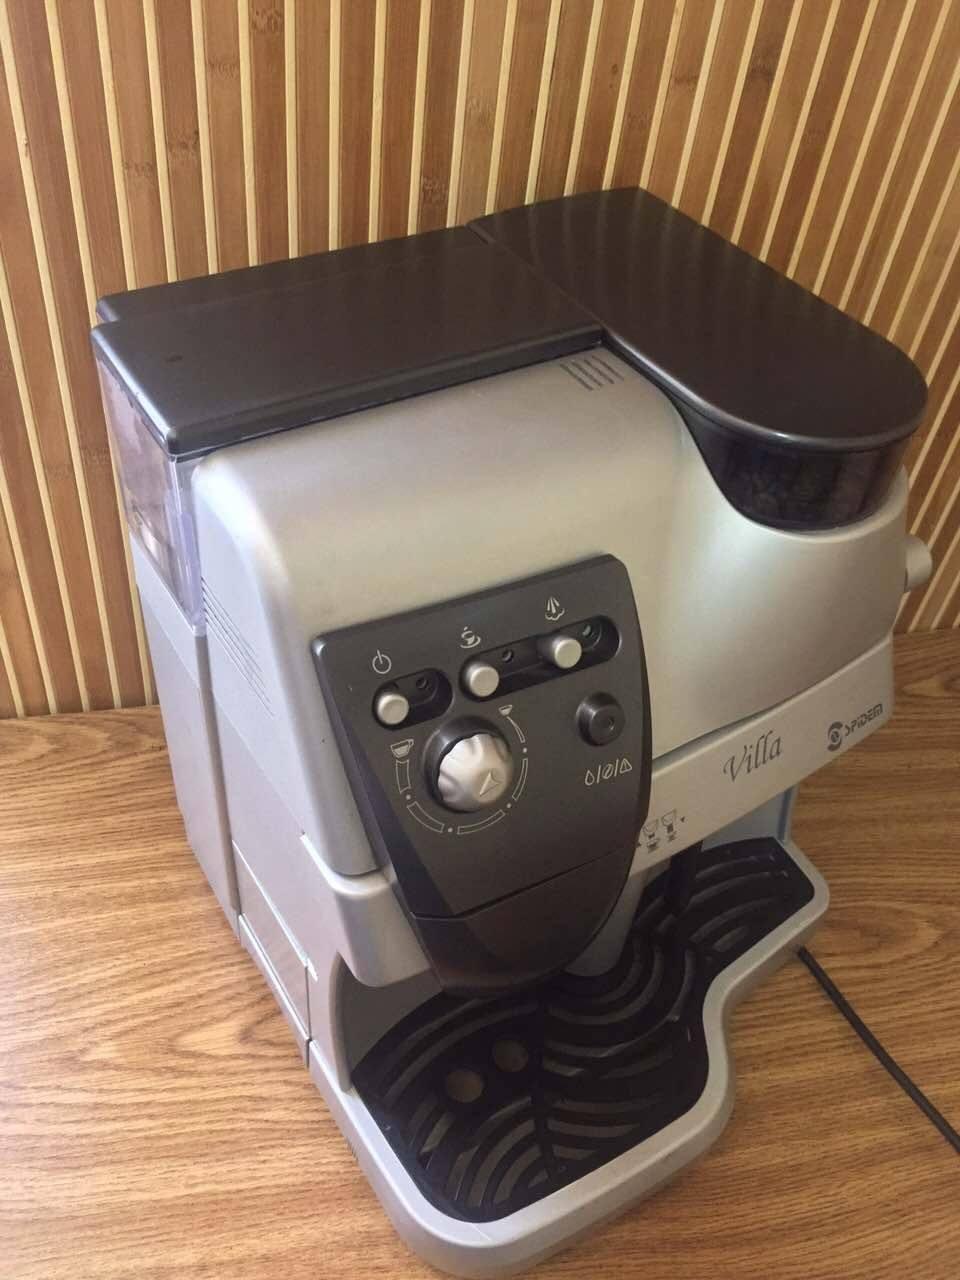 Такою кавовою машиною може користуватись будь-хто. Вона дуже зручна й повністю автоматизована.